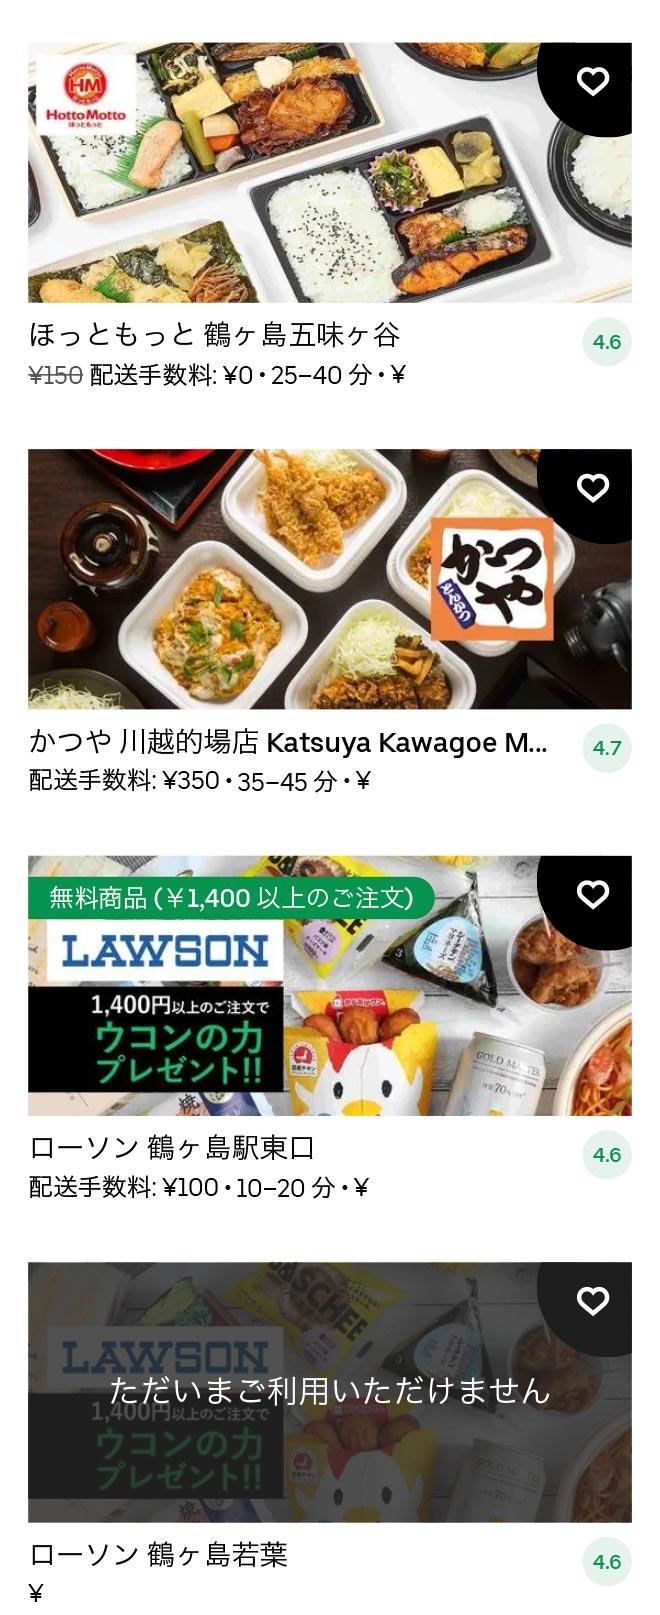 Tsurugashima menu 2101 09